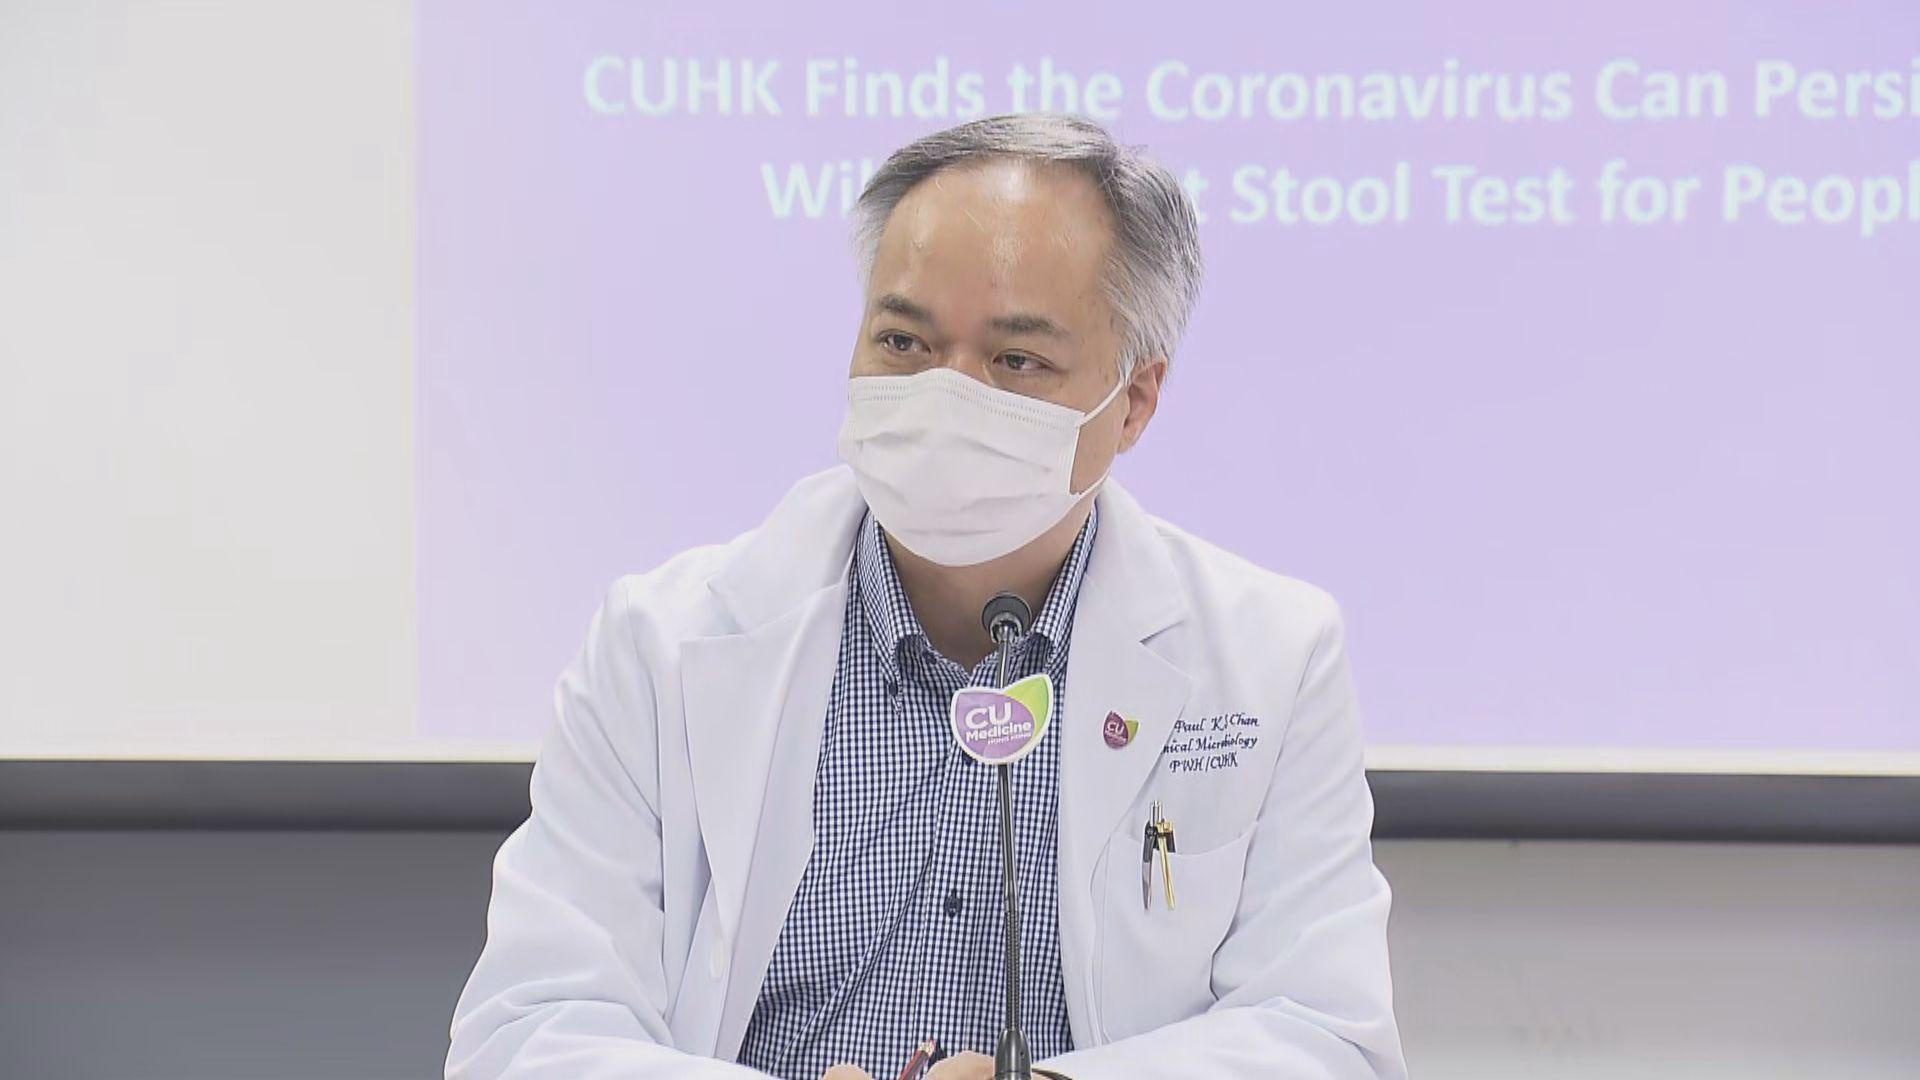 中大醫學院:化驗糞便有助識別新型肺炎隱形病人